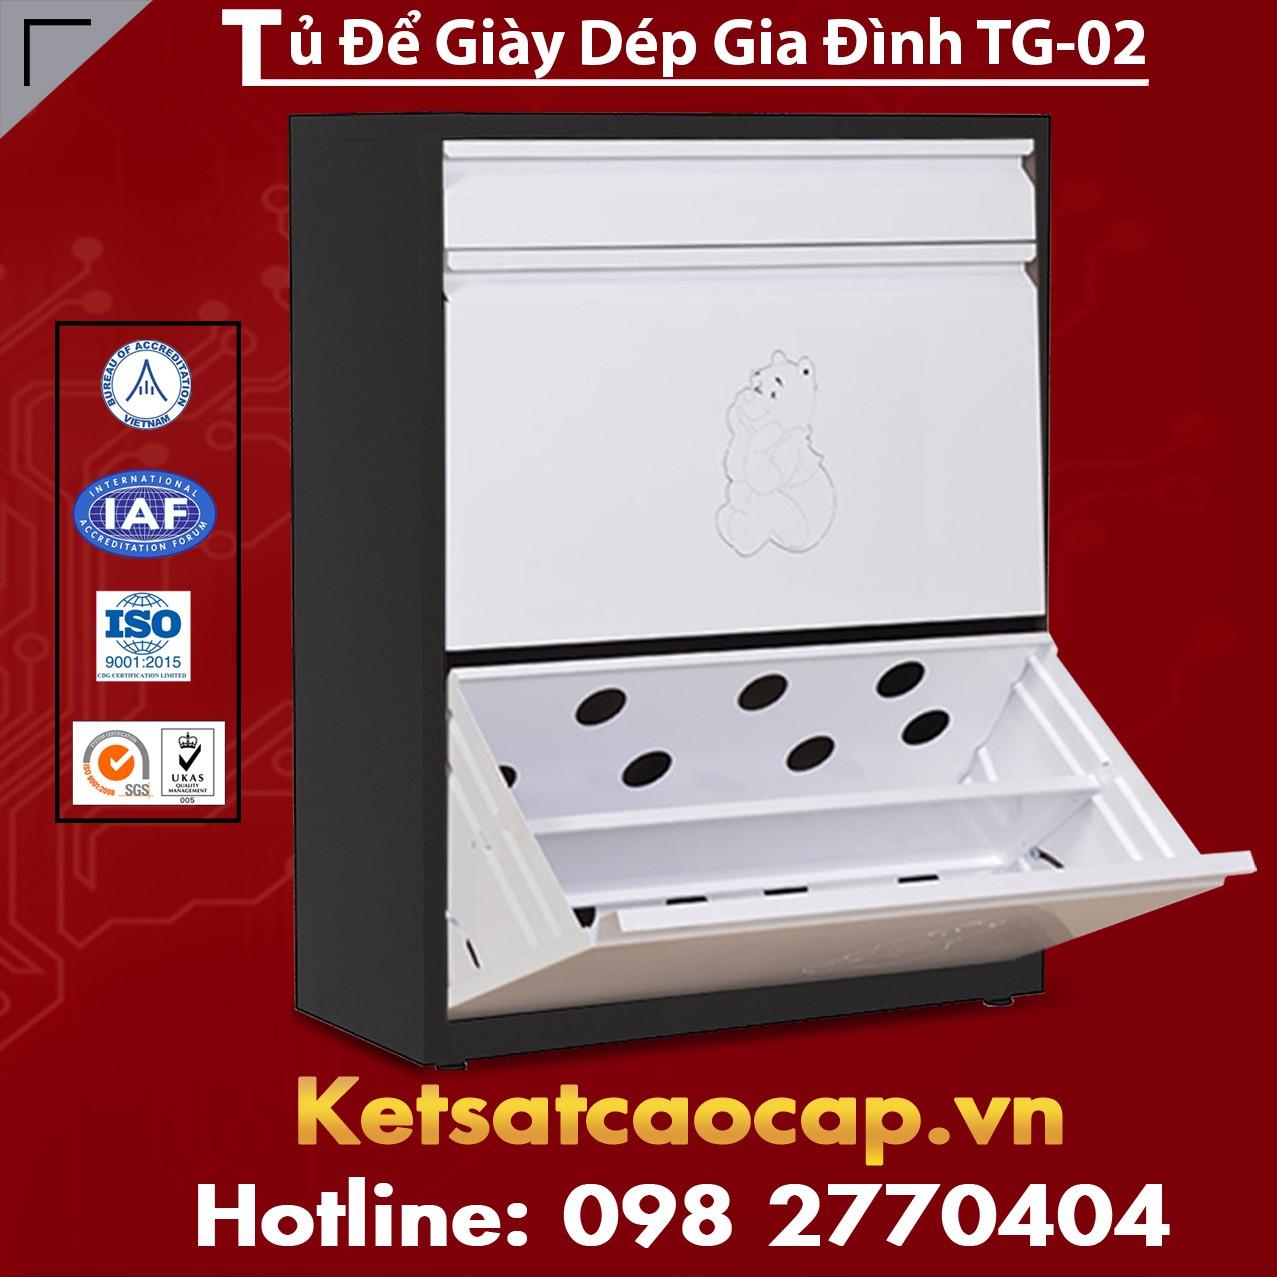 Tủ Để Giày Dép Gia Đình TG-02